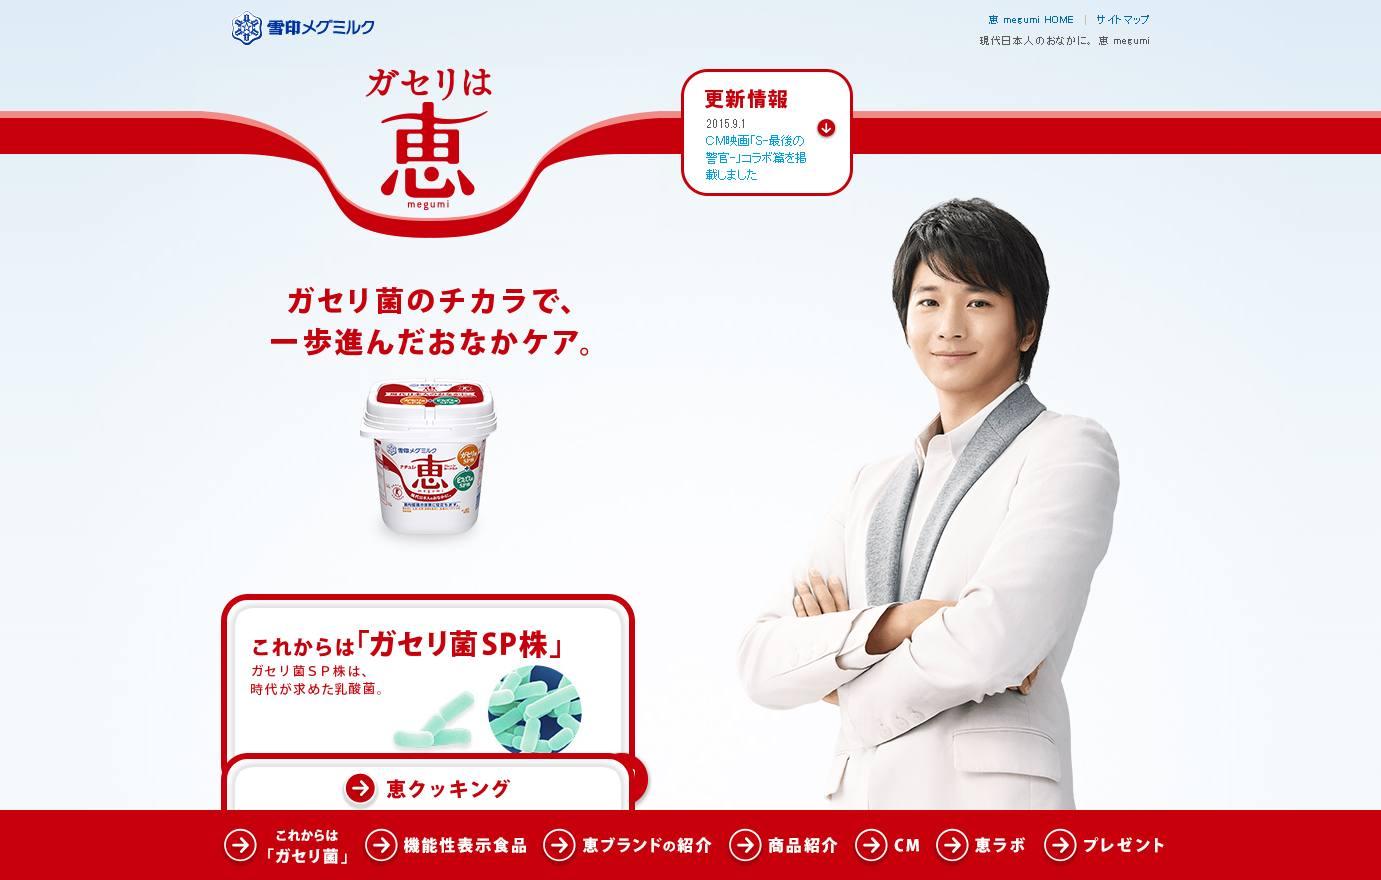 恵 megumi | 雪印メグミルクのヨーグルト